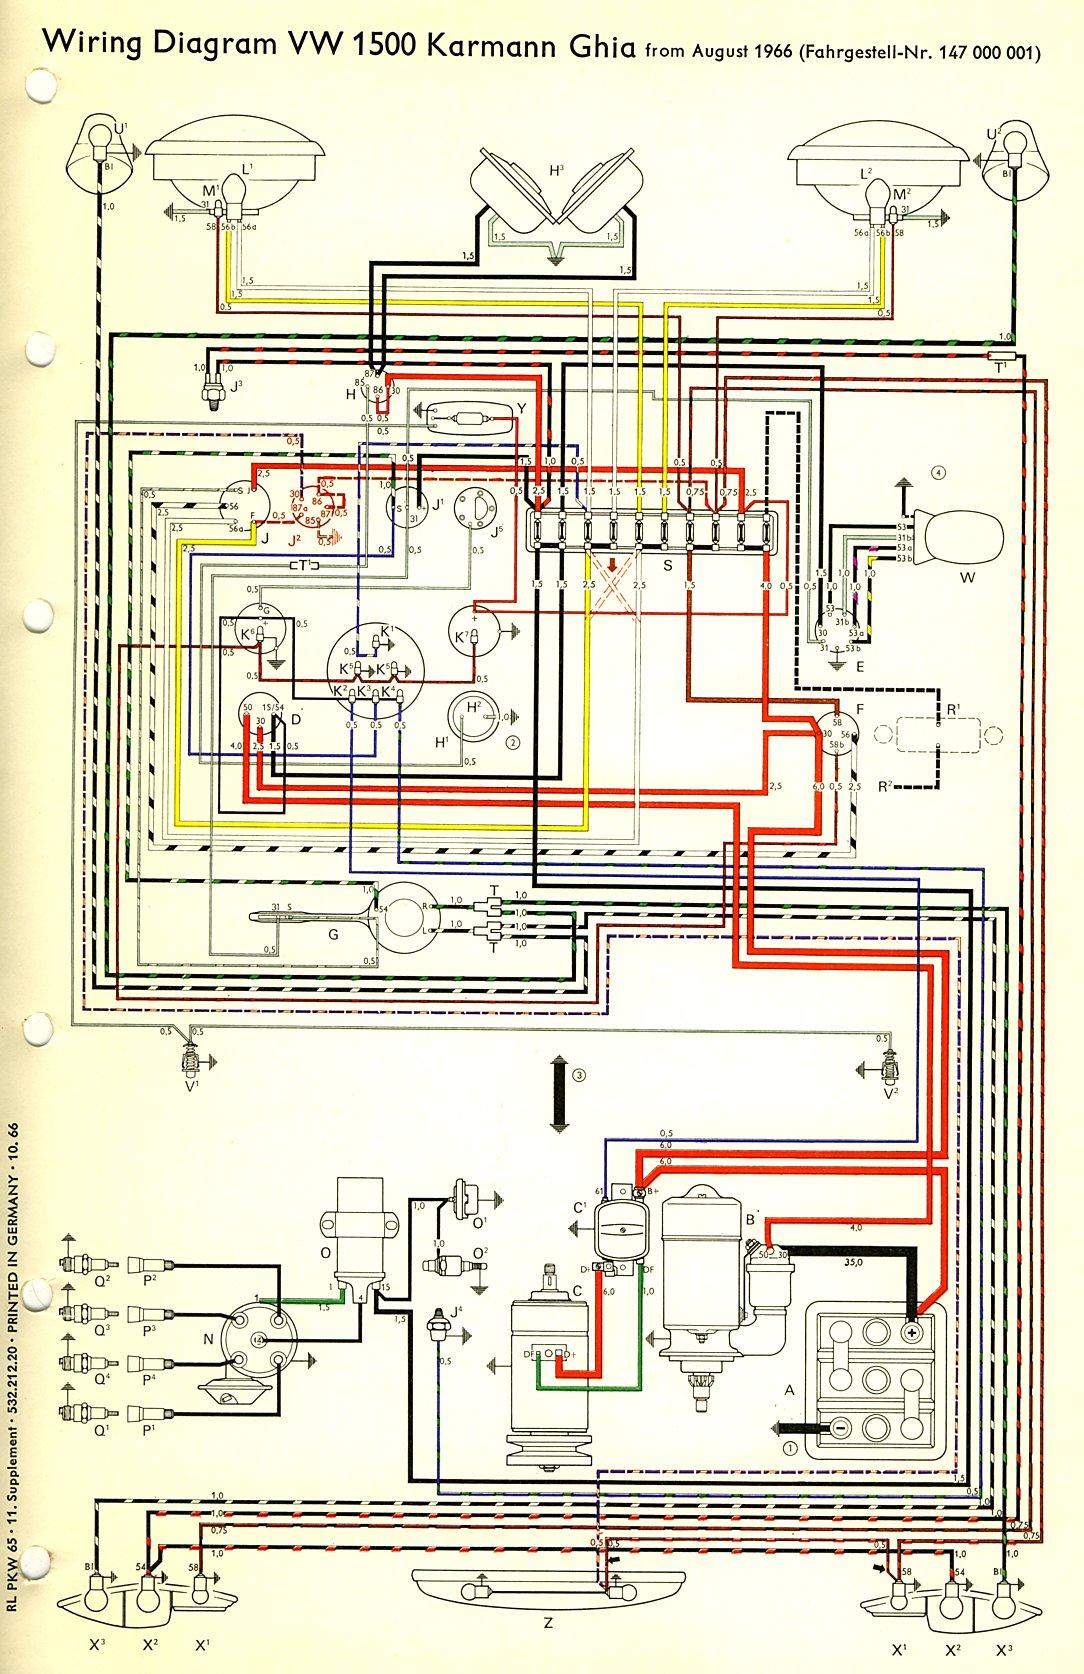 67 vw wiring diagram